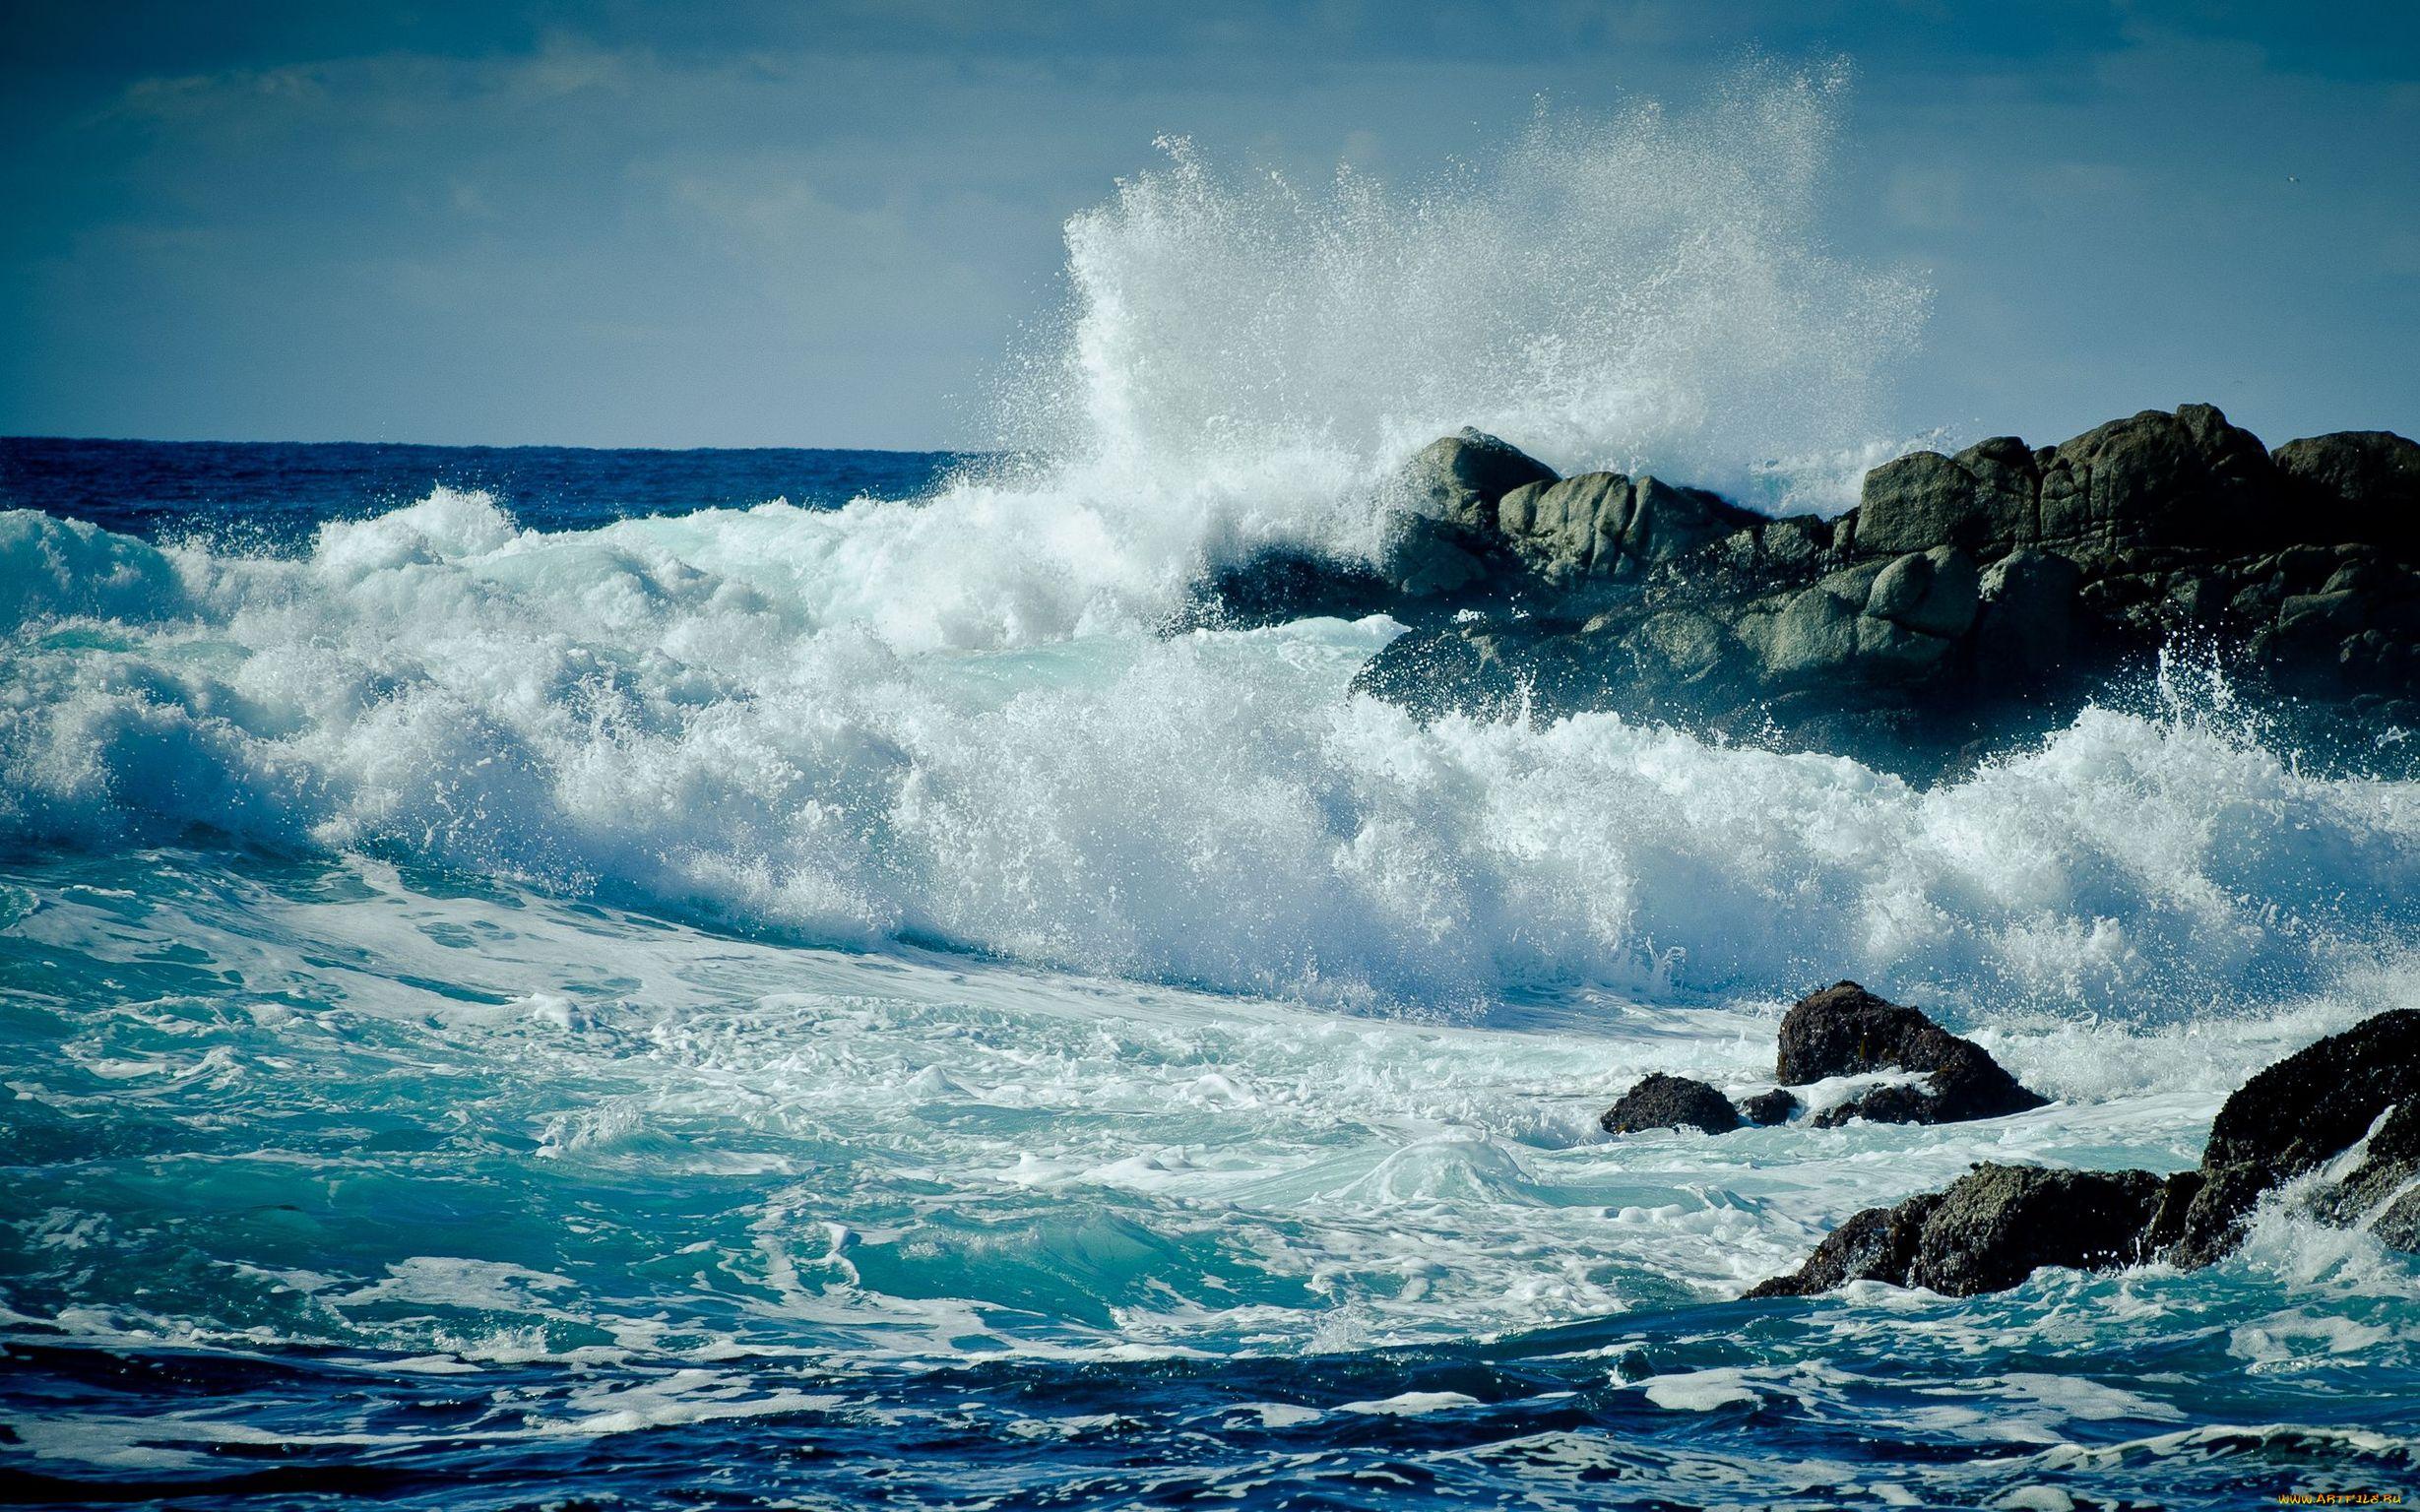 океан реальные фото минусов поиска плохое